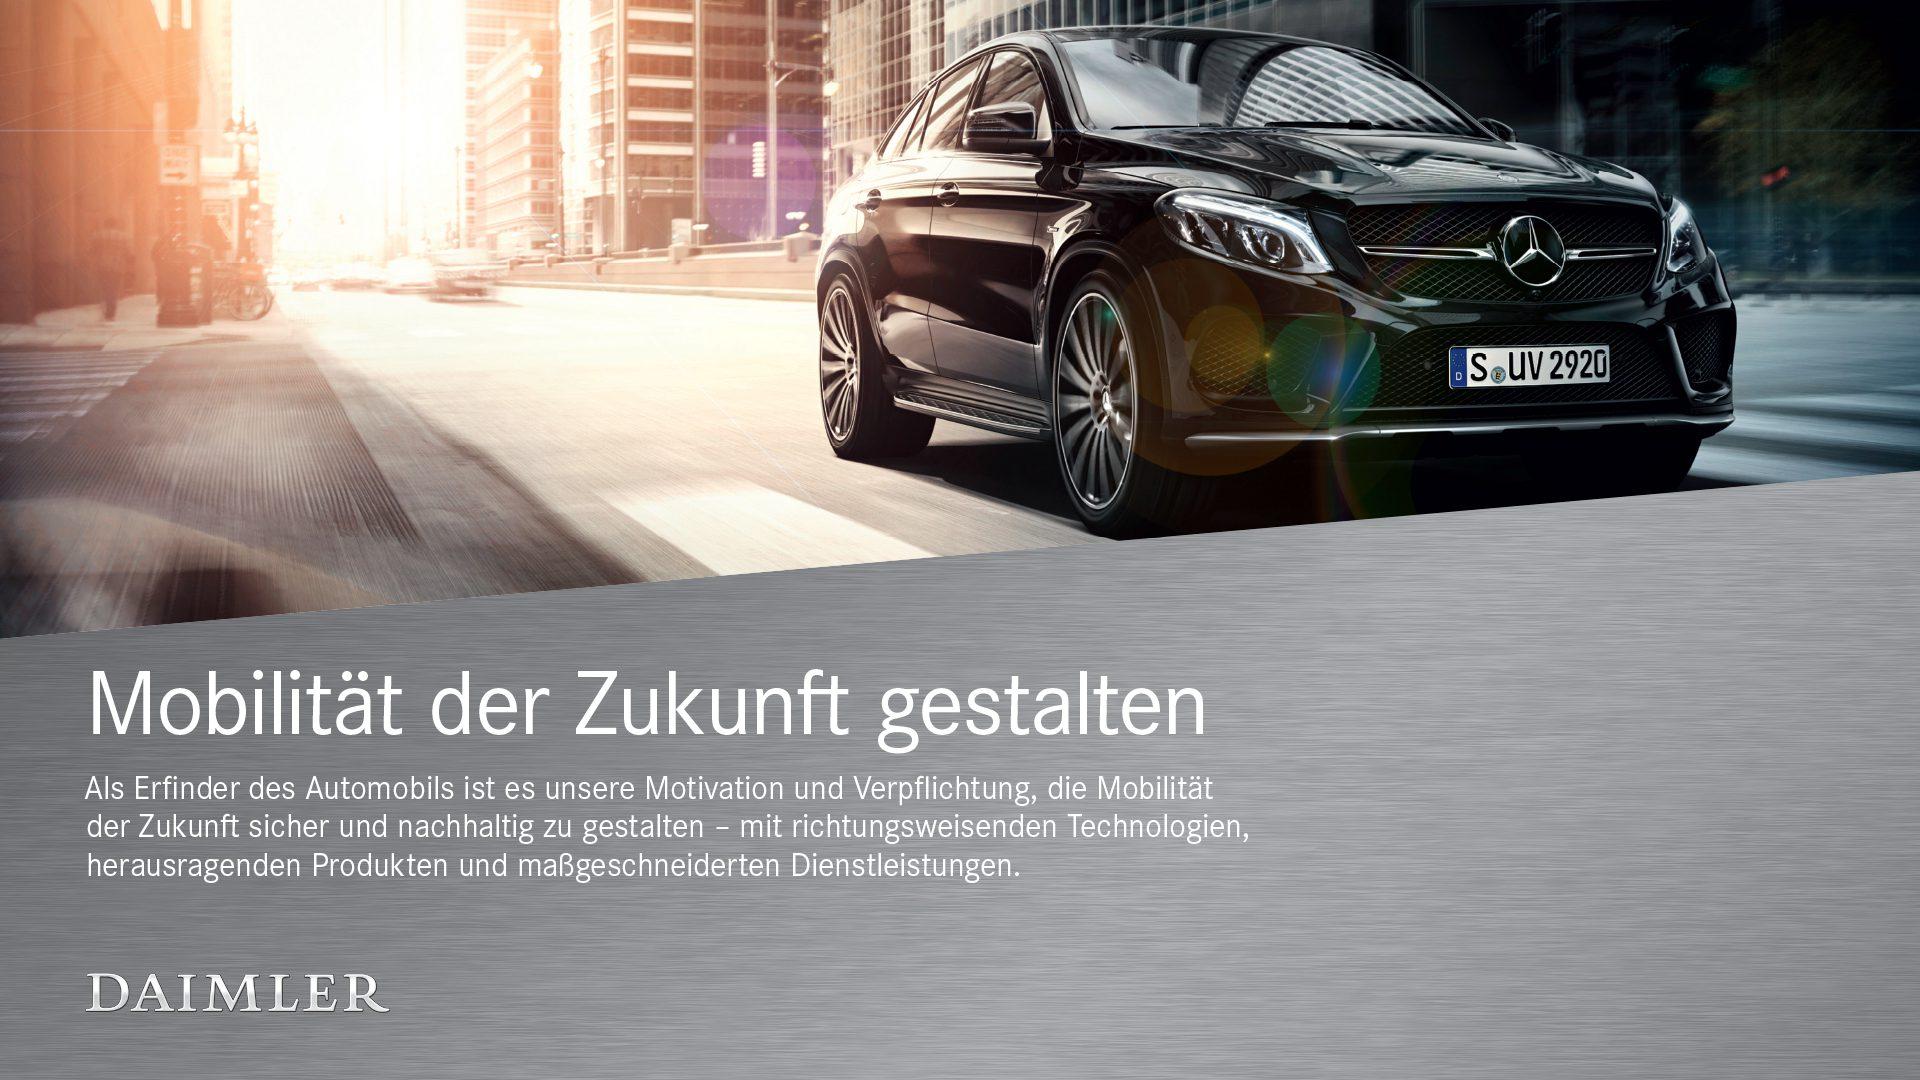 Daimler Corporate Design Werbung